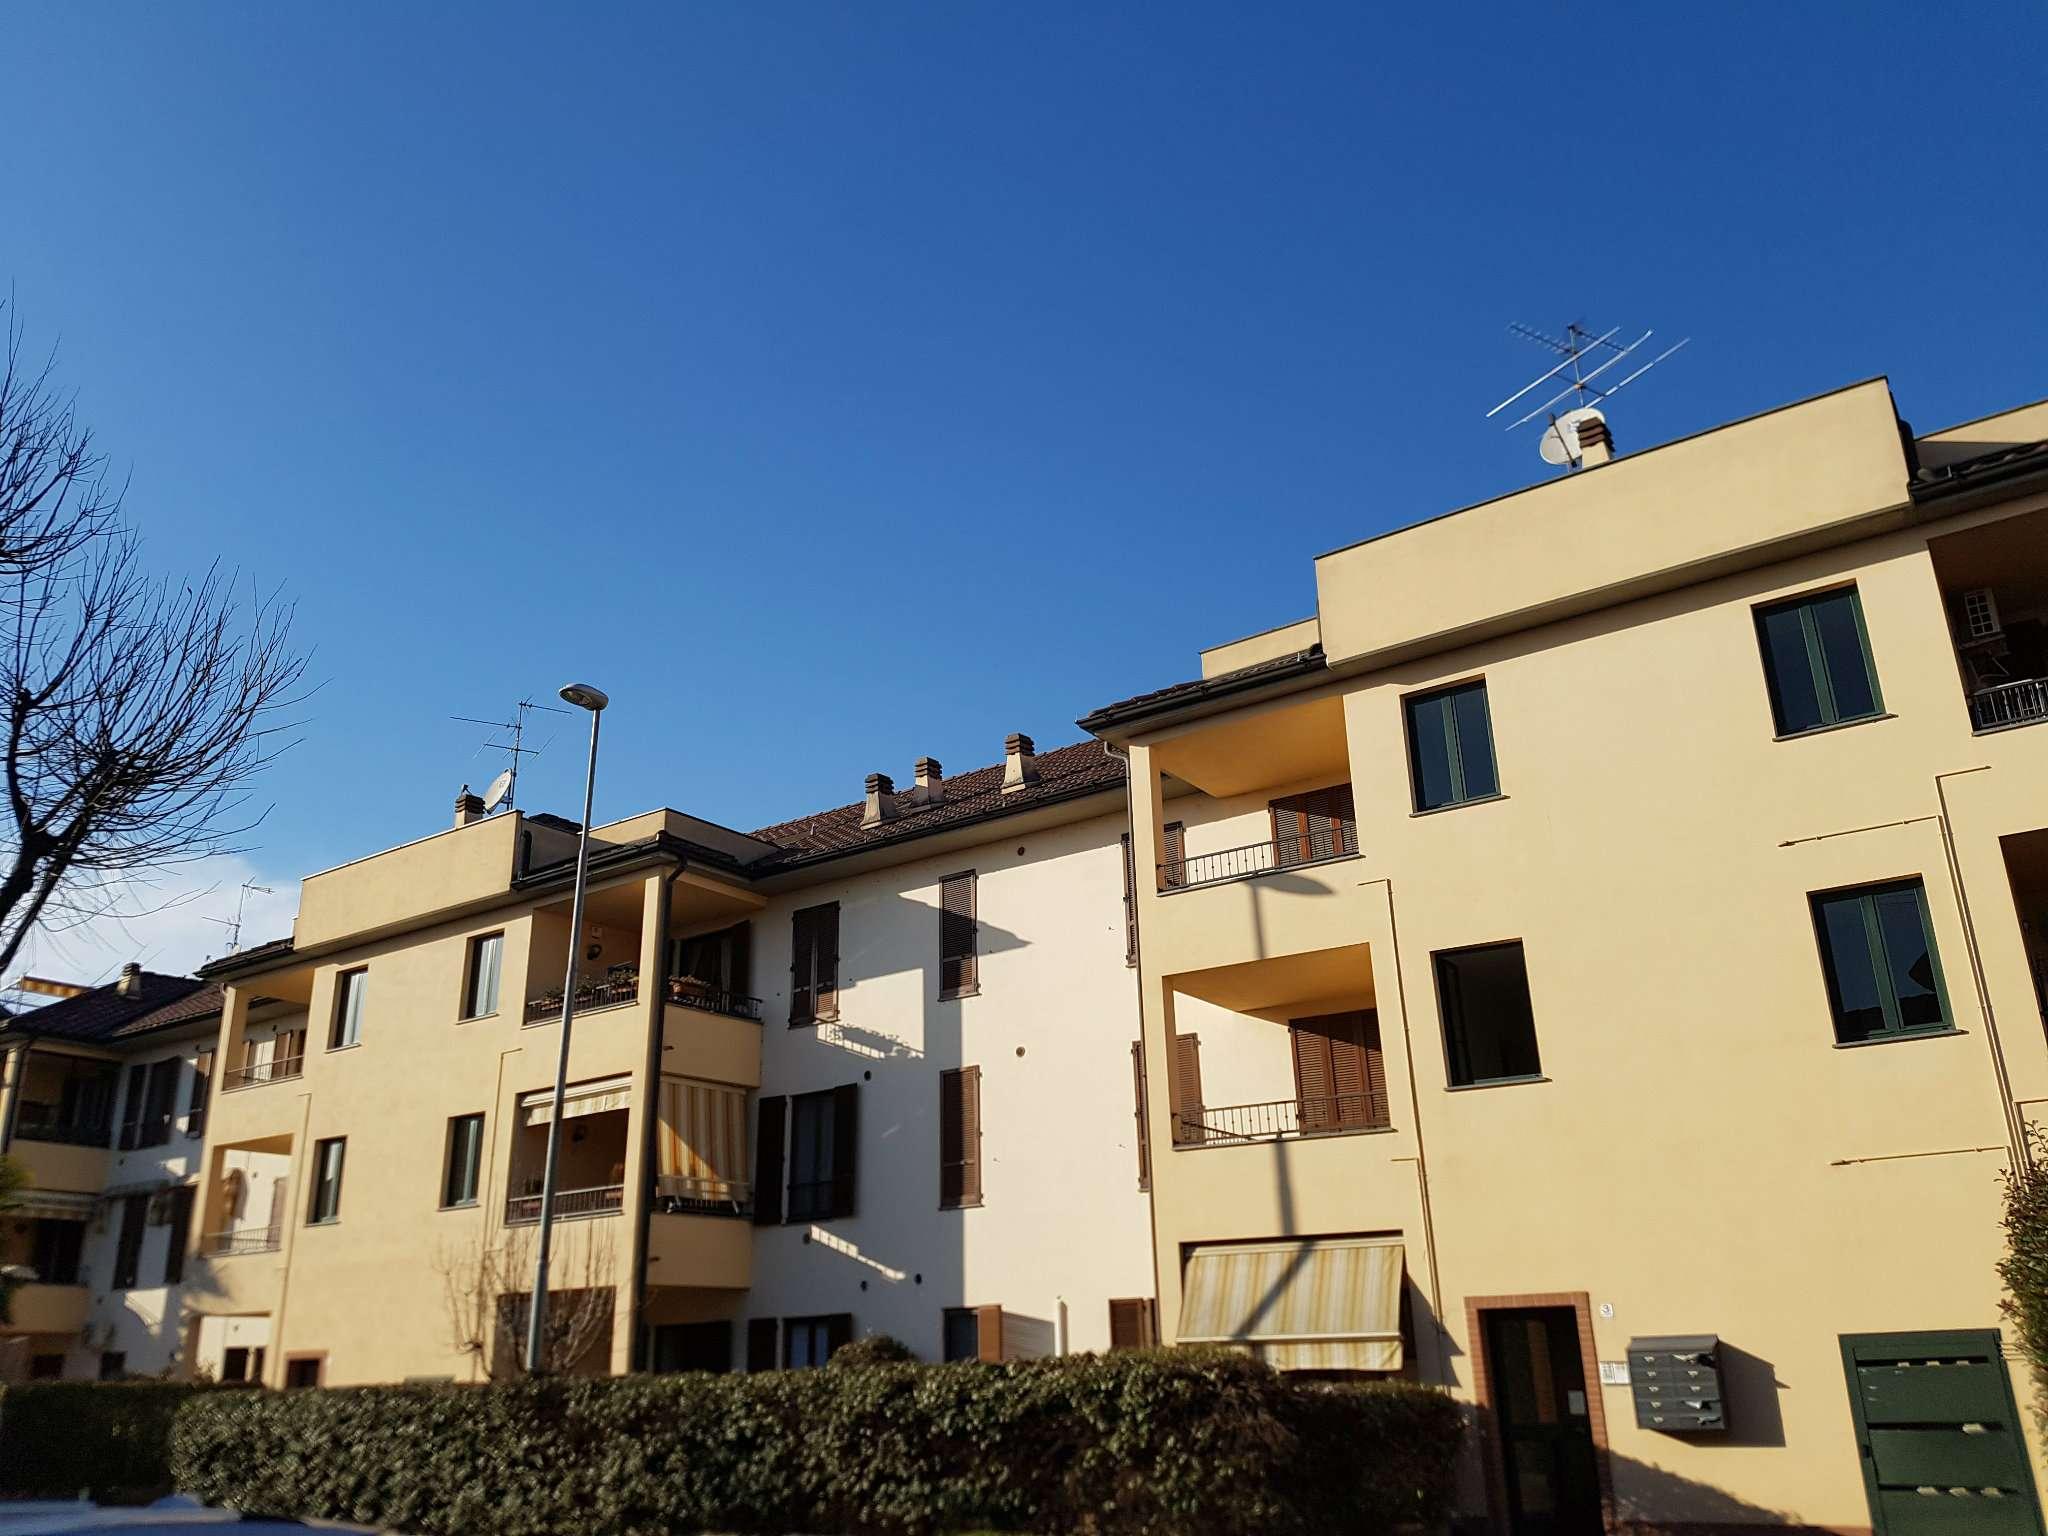 Appartamento in vendita a Zelo Buon Persico, 2 locali, prezzo € 80.000 | Cambio Casa.it